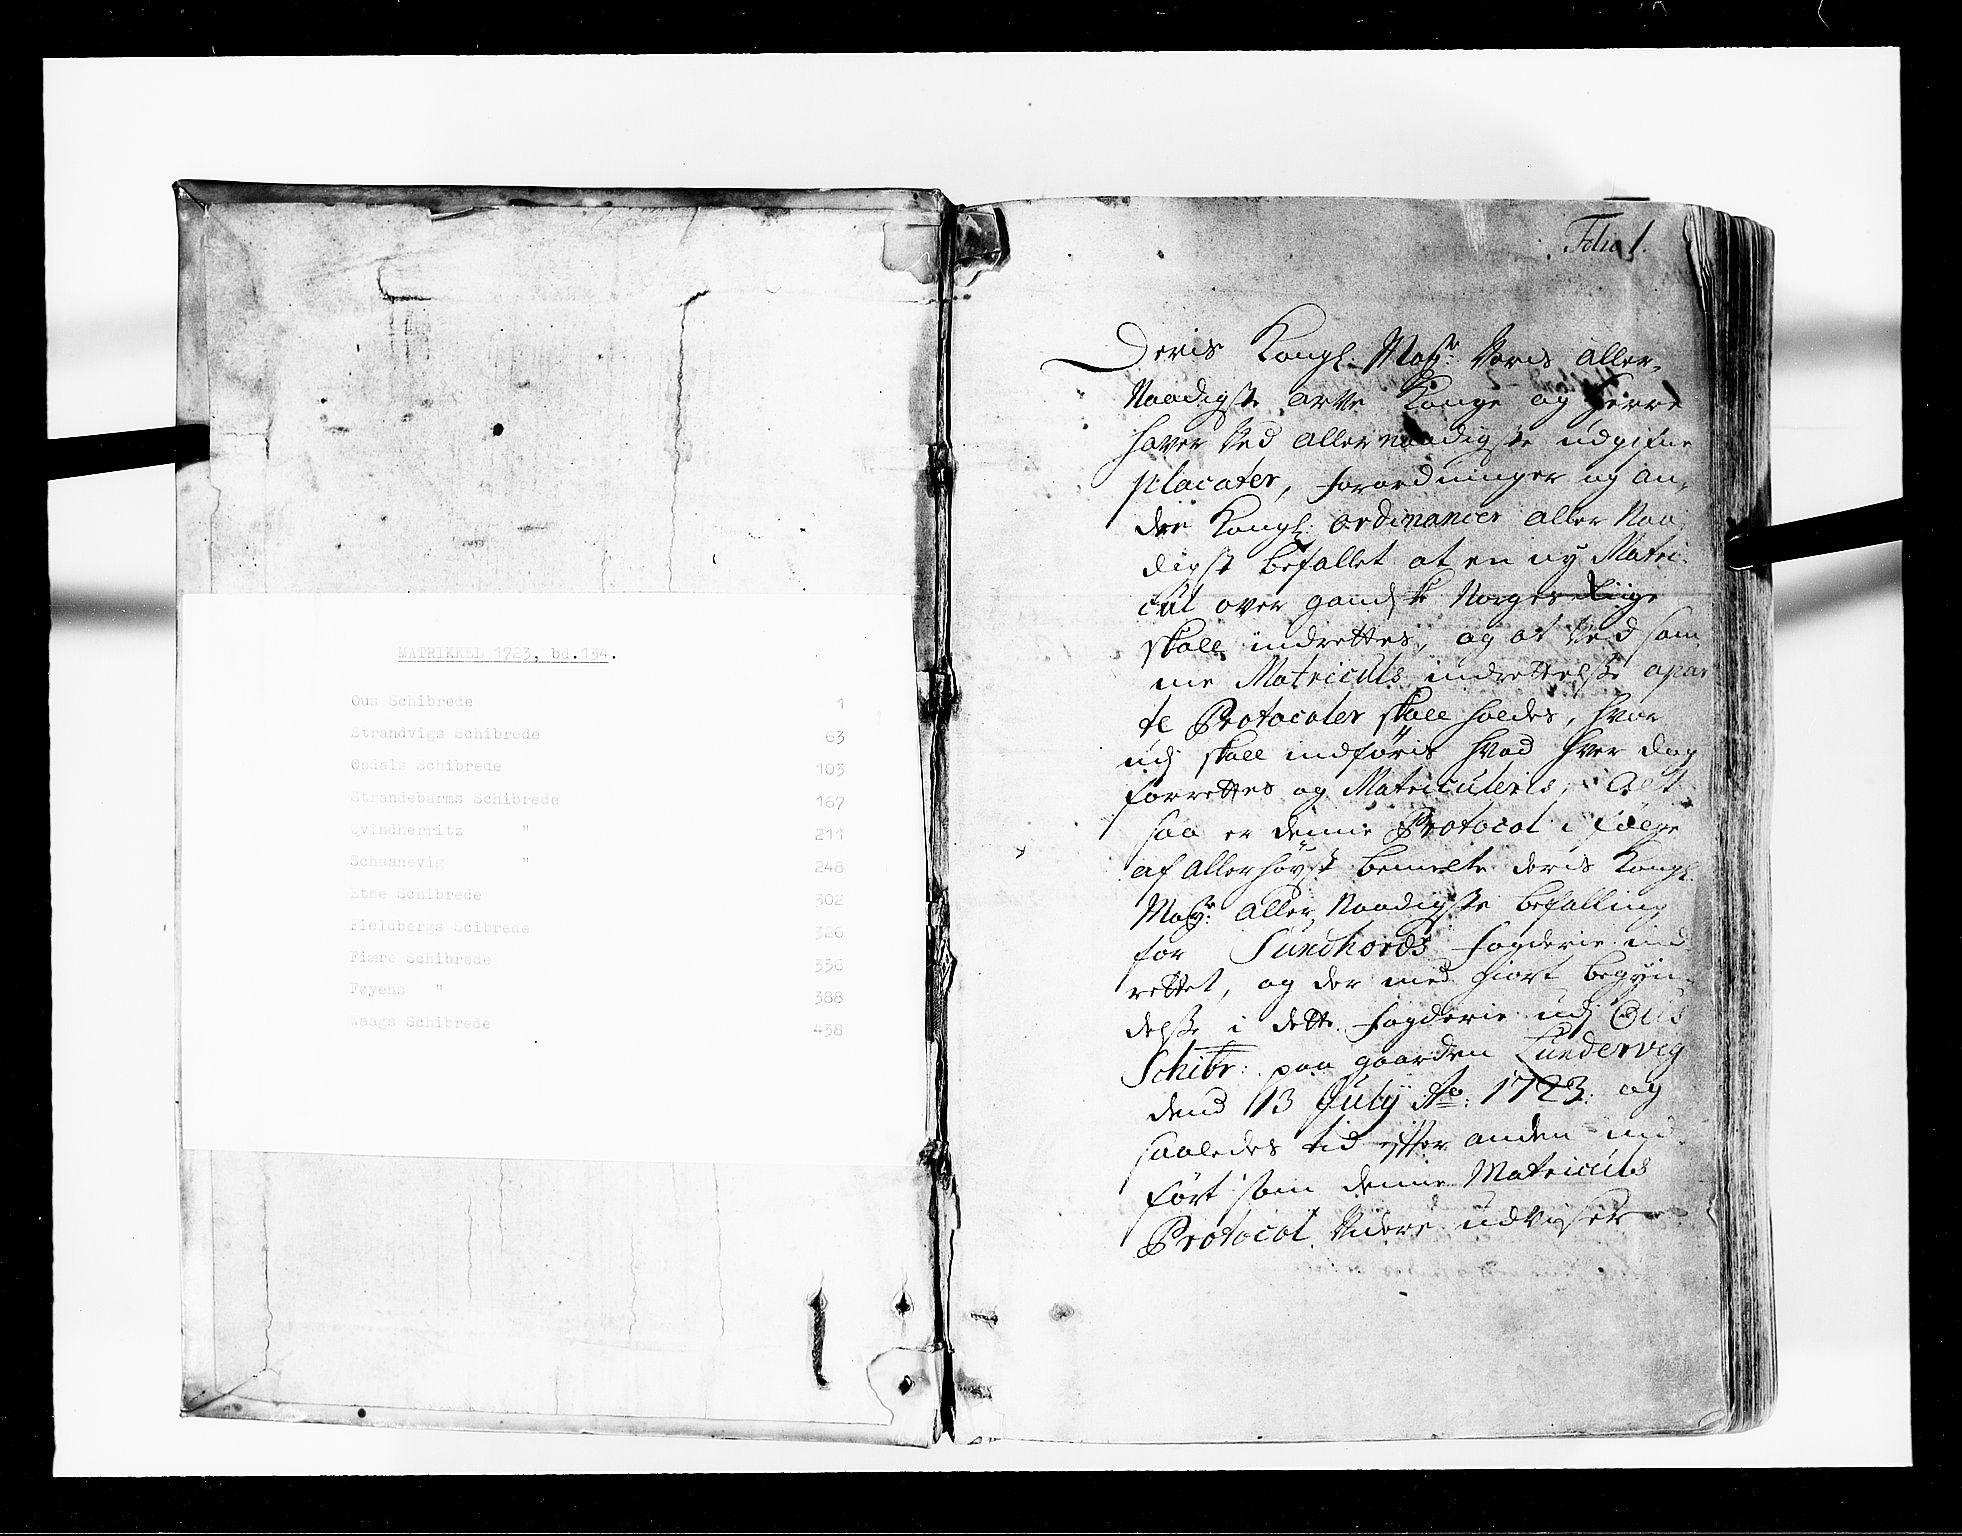 RA, Rentekammeret inntil 1814, Realistisk ordnet avdeling, N/Nb/Nbf/L0134: Sunnhordland eksaminasjonsprotokoll, 1723, s. 1a